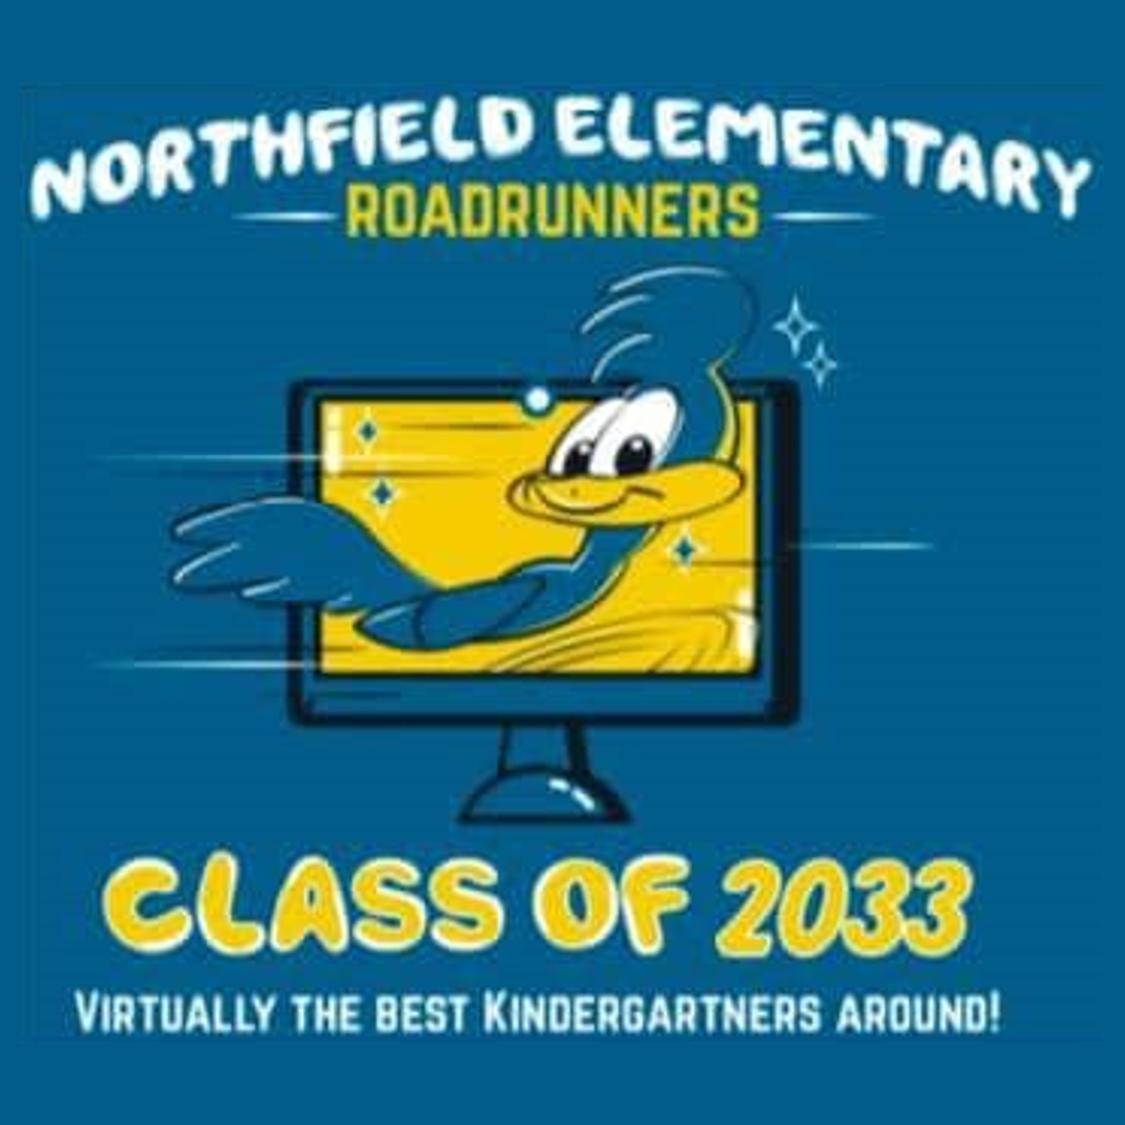 Kindergarten Class of 2033 Tshirt Design